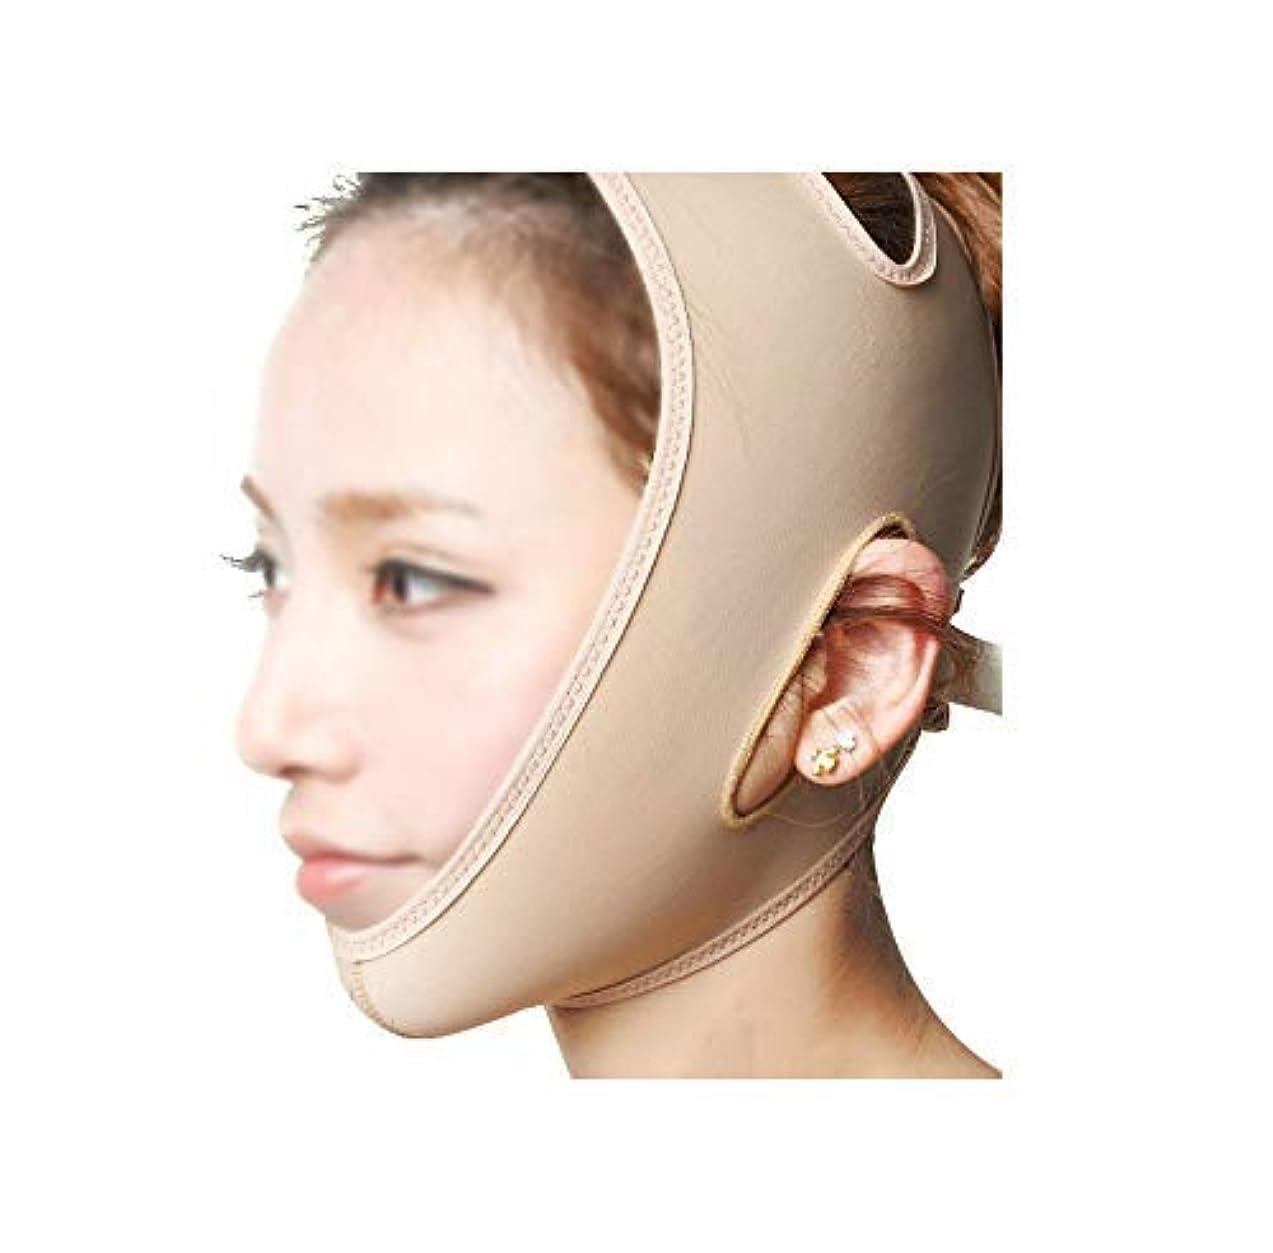 薄い思い出眉フェイスリフティングバンデージVフェイスインスツルメントフェイスマスクアーティファクトフェイスリフティング引き締めフェイシャルマッサージ通気性肌のトーン(サイズ:xl),M